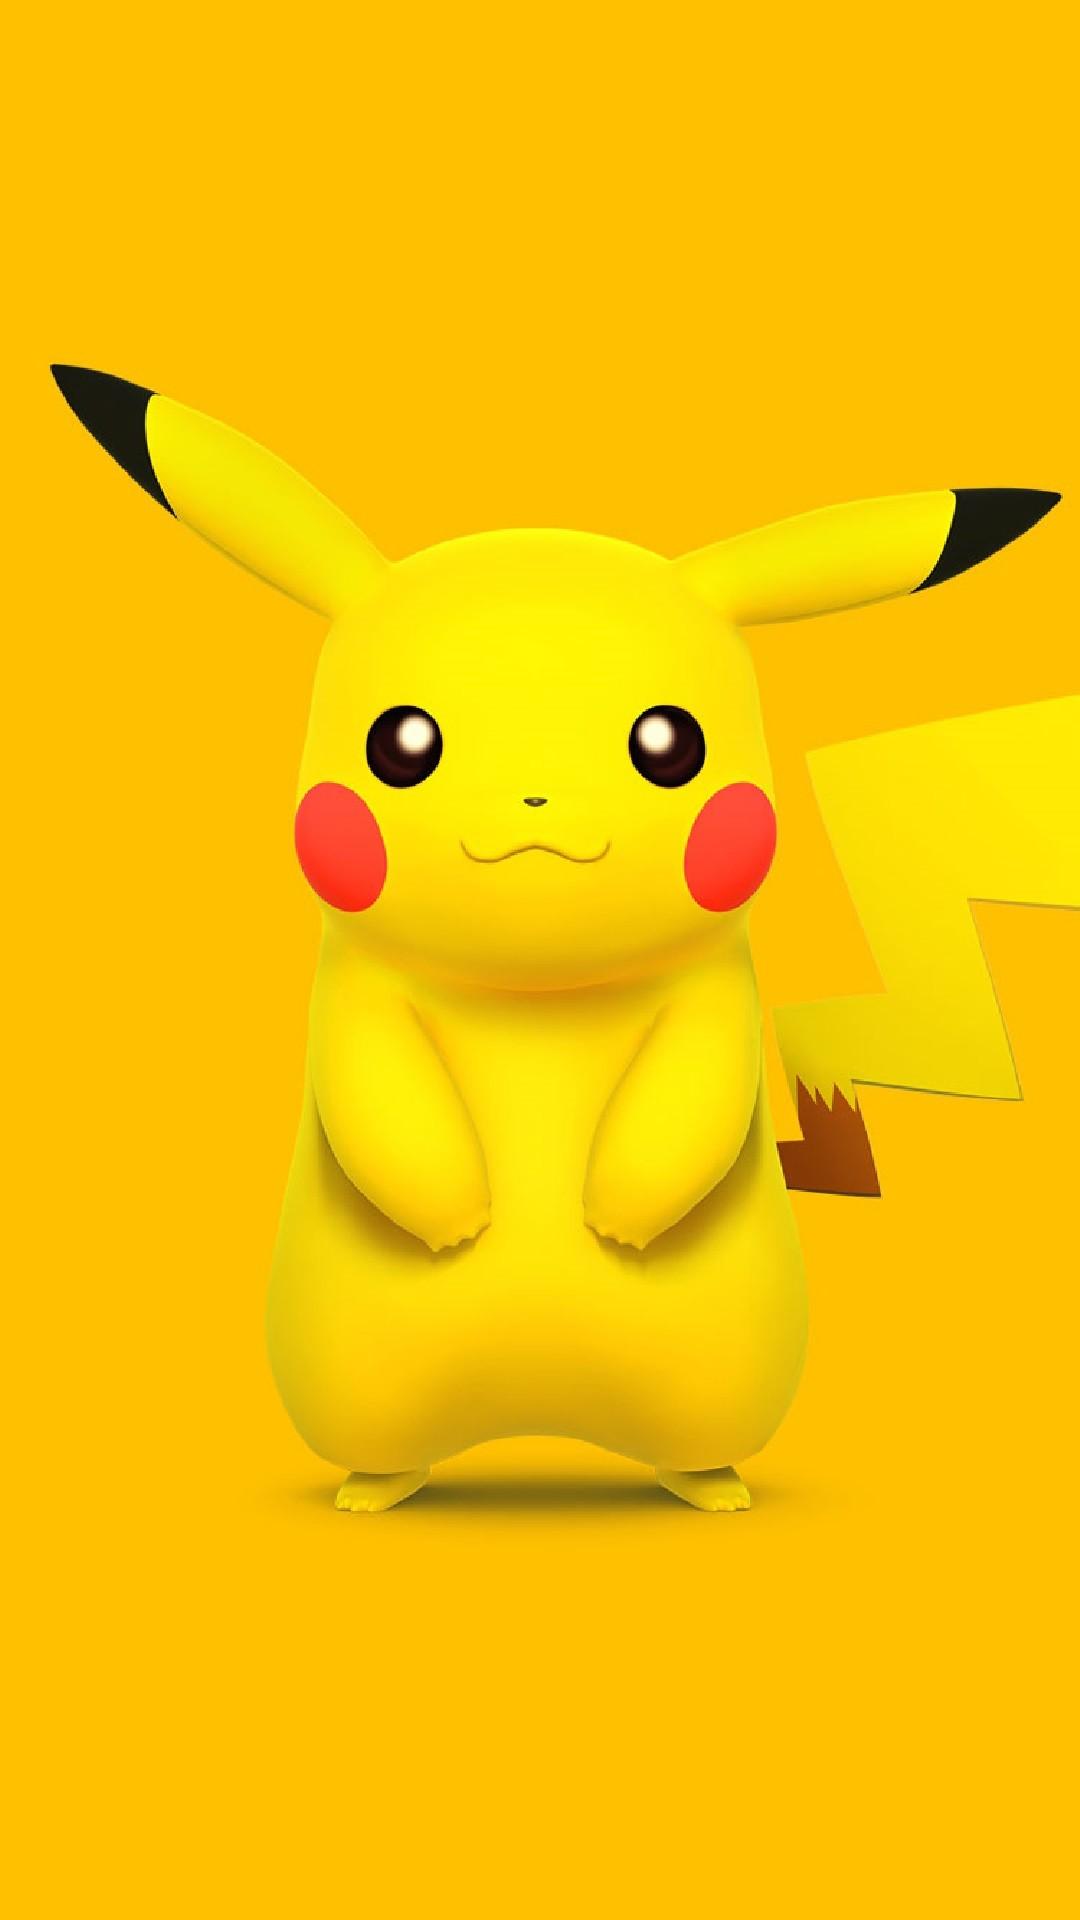 Hình nền pokemon đẹp cho điện thoại